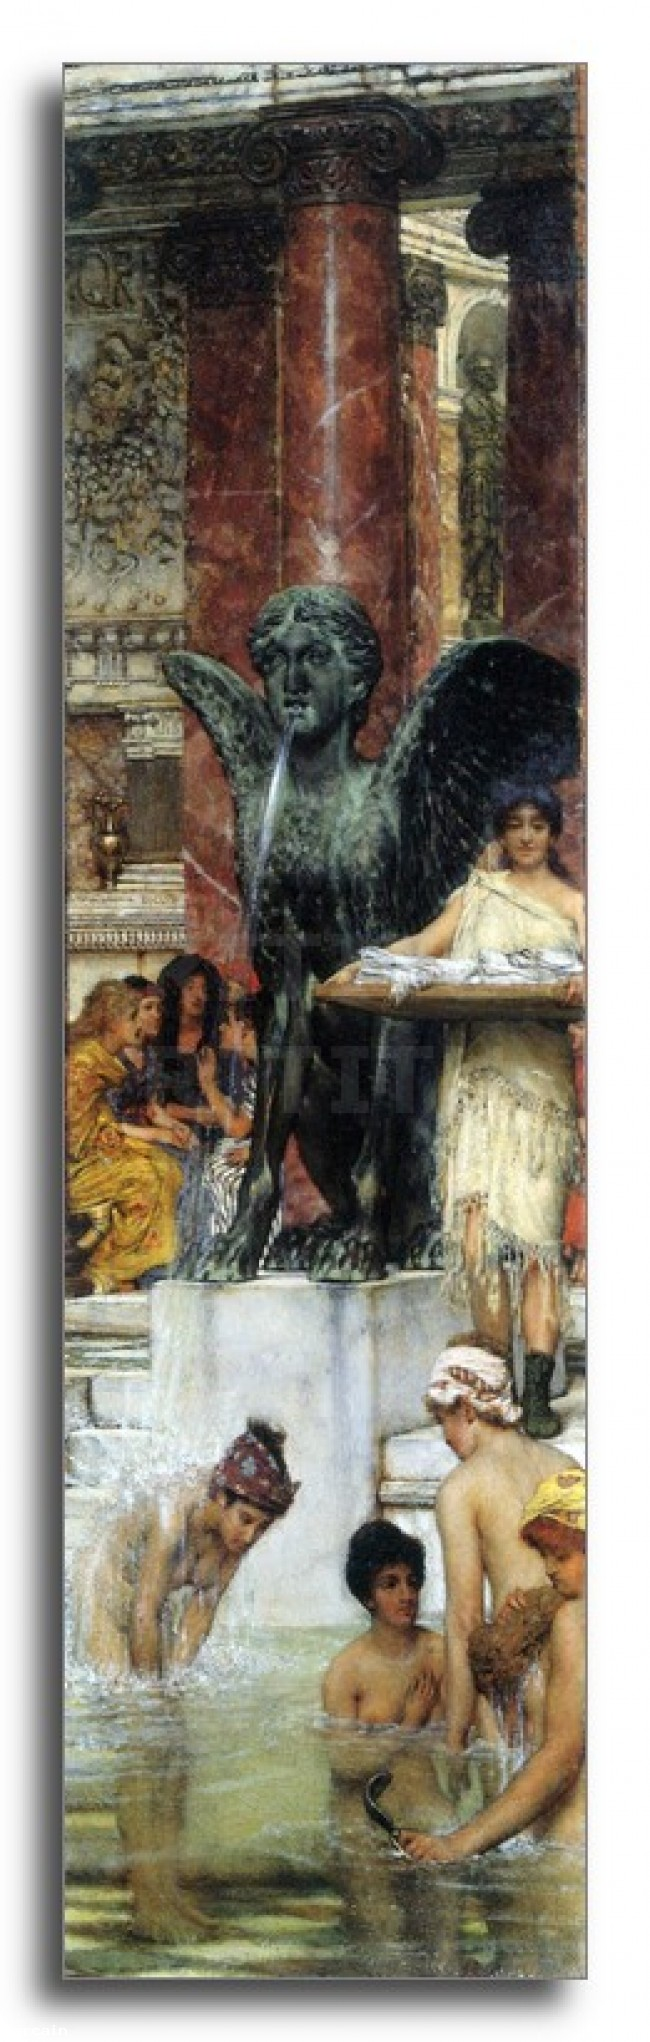 Riproduzione Artistica Un bagno Unantica tradizione da Alma Ta